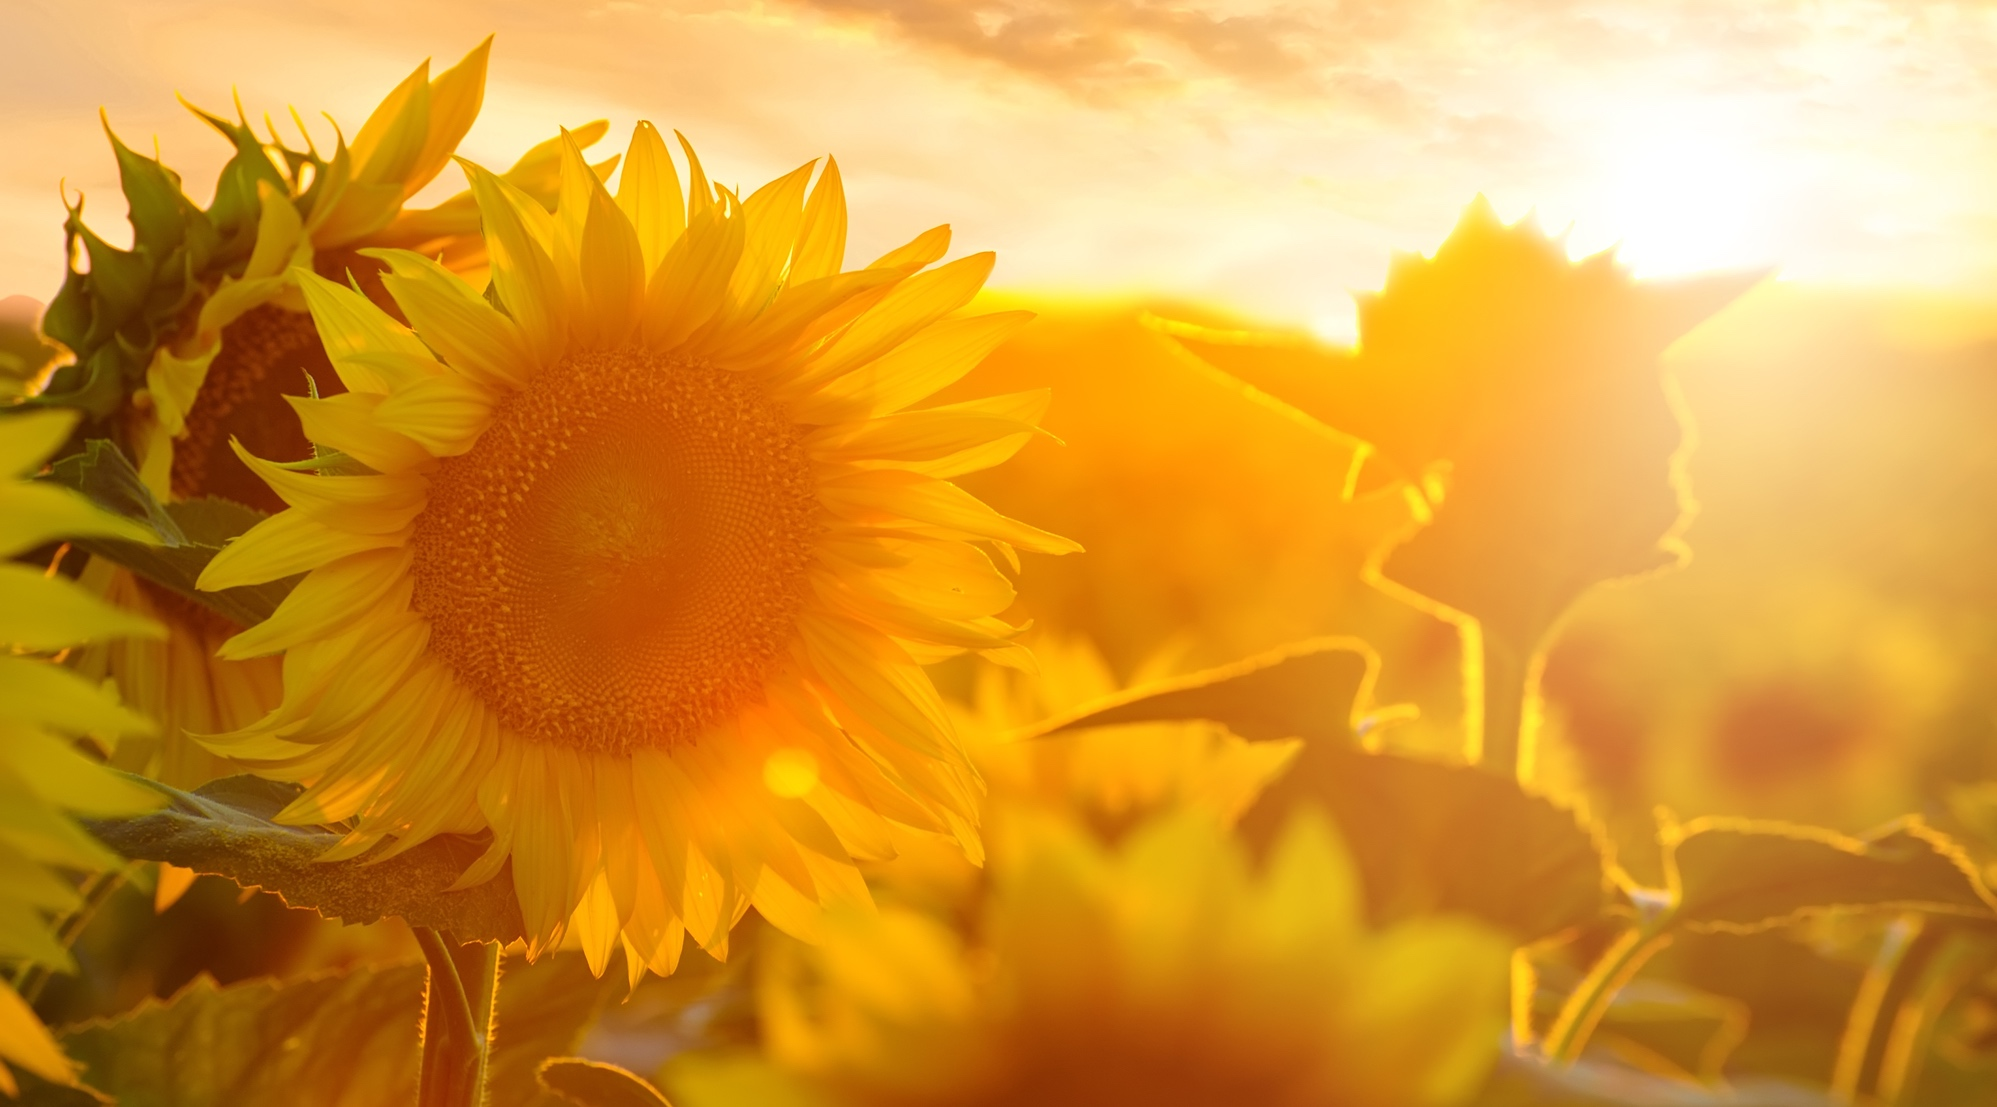 Summer landscape: beauty sunset over sunflowers field